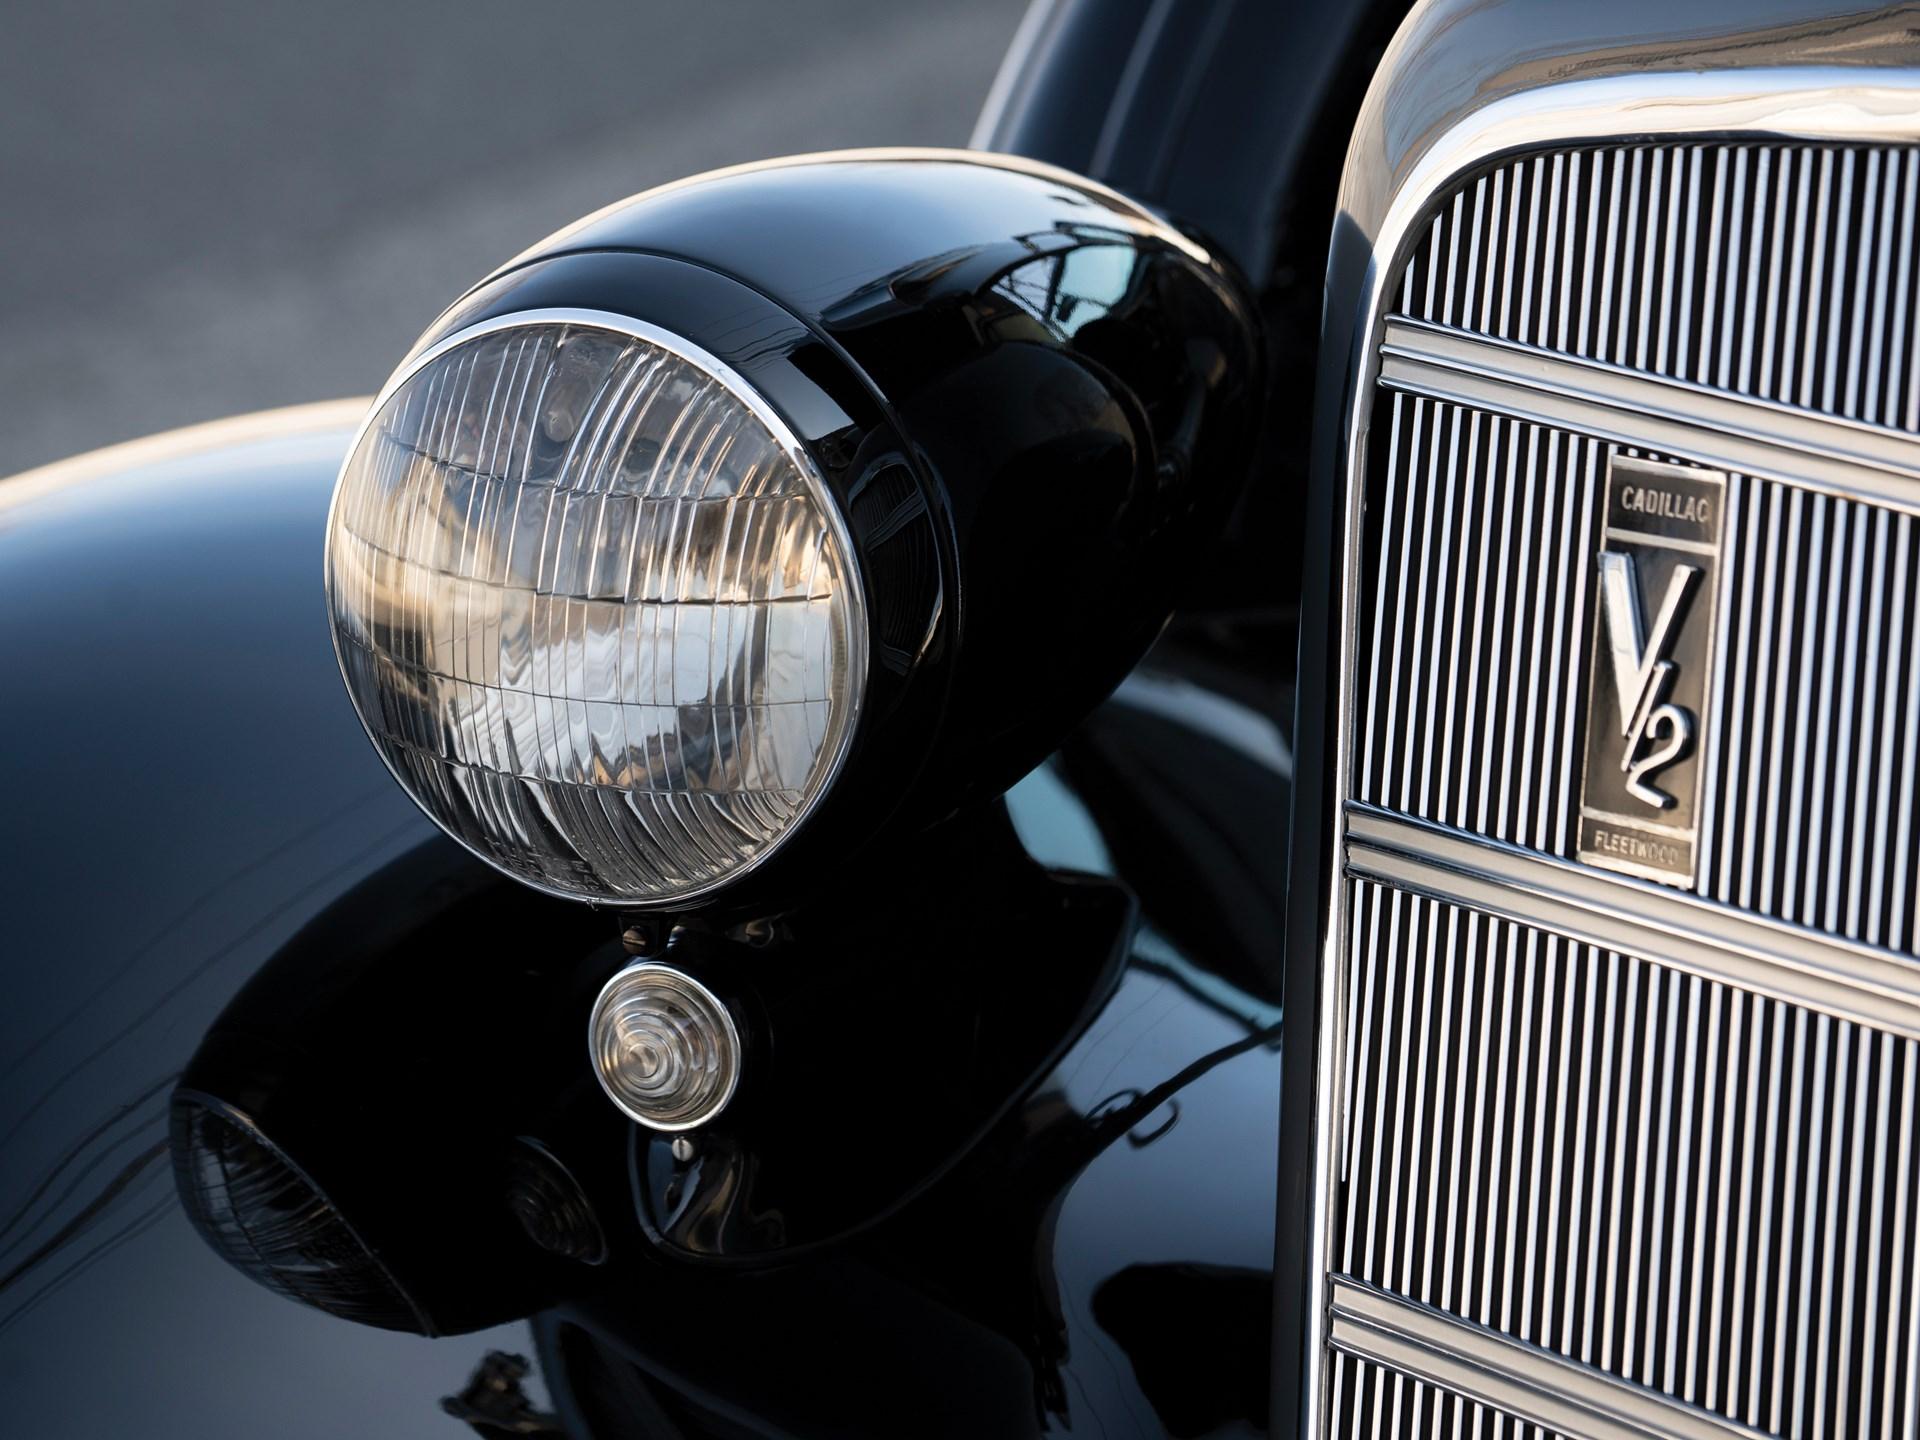 1934 Cadillac V-12 Convertible Sedan by Fleetwood